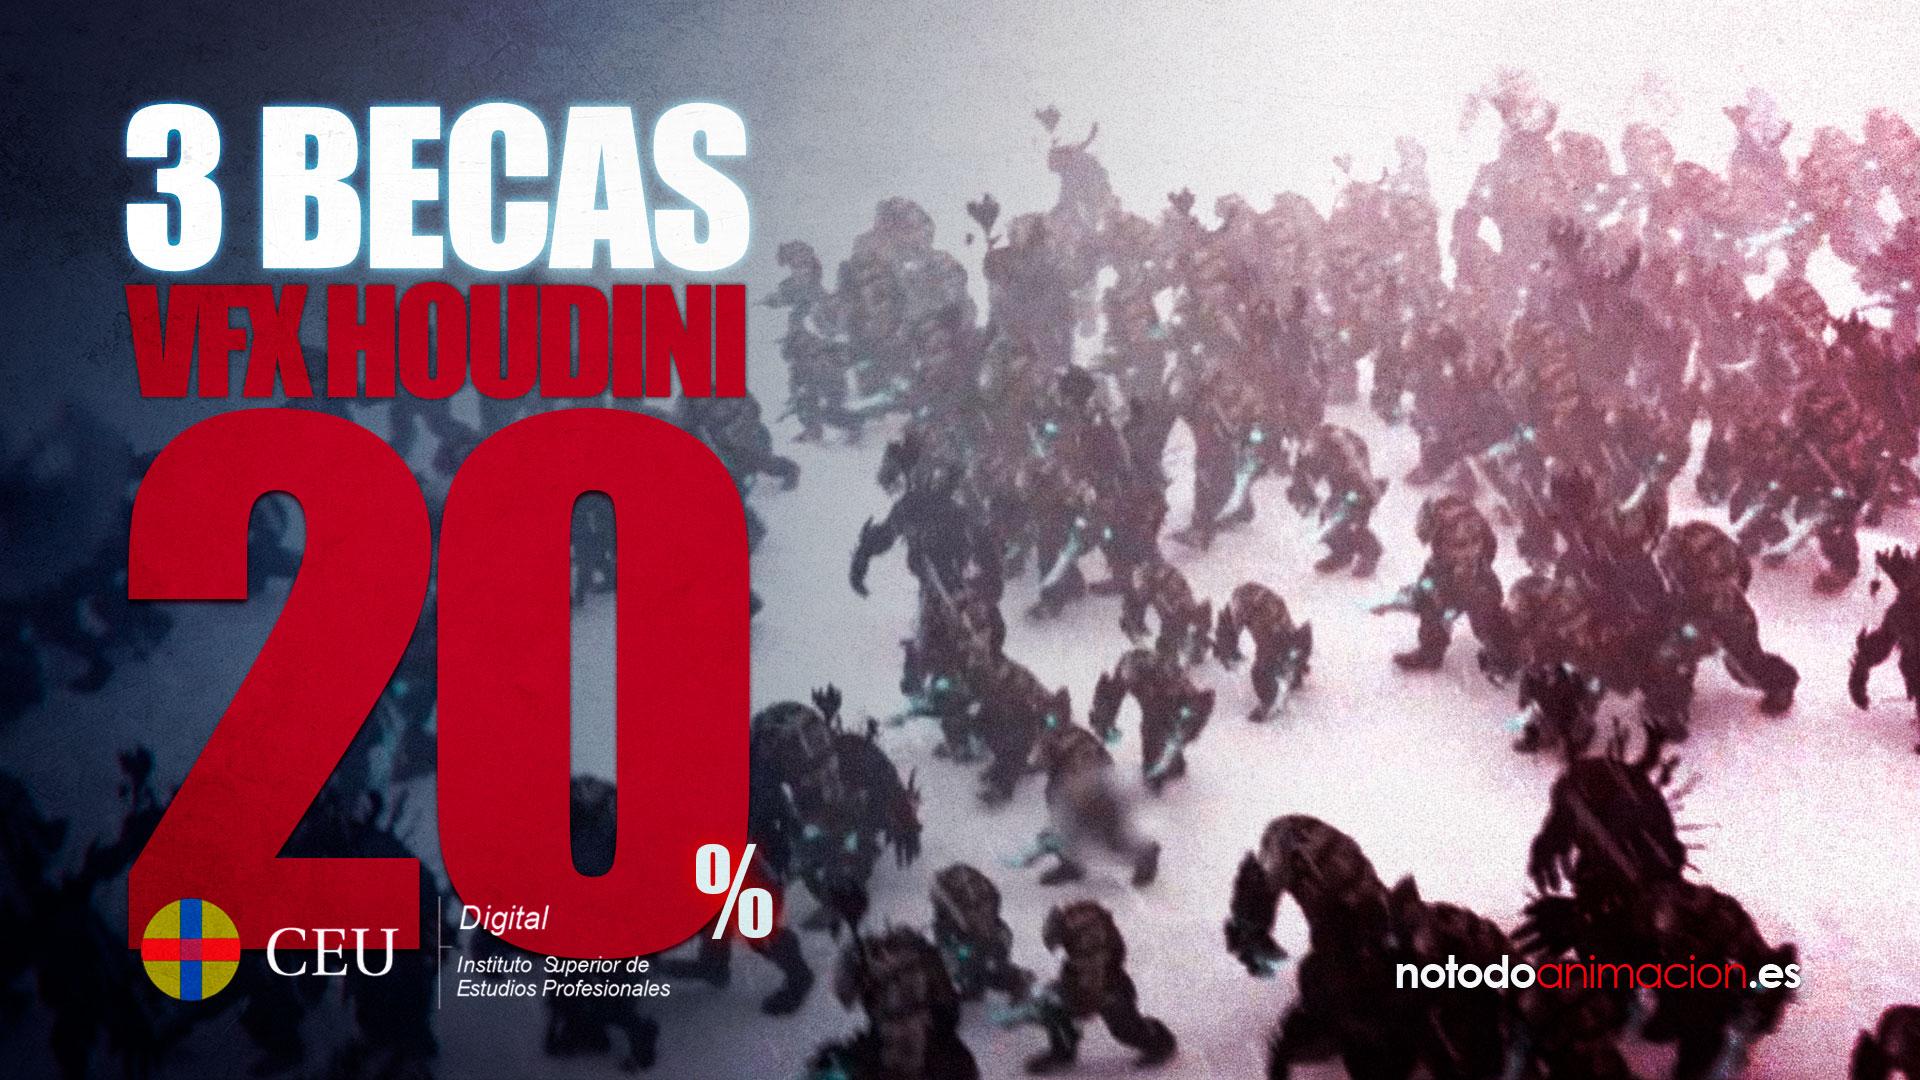 3 ÚNICAS BECAS para Máster profesional VFX en Houdini y Redshift ONLINE *SOLO HASTA EL 30 DE SEPTIEMBRE 2020